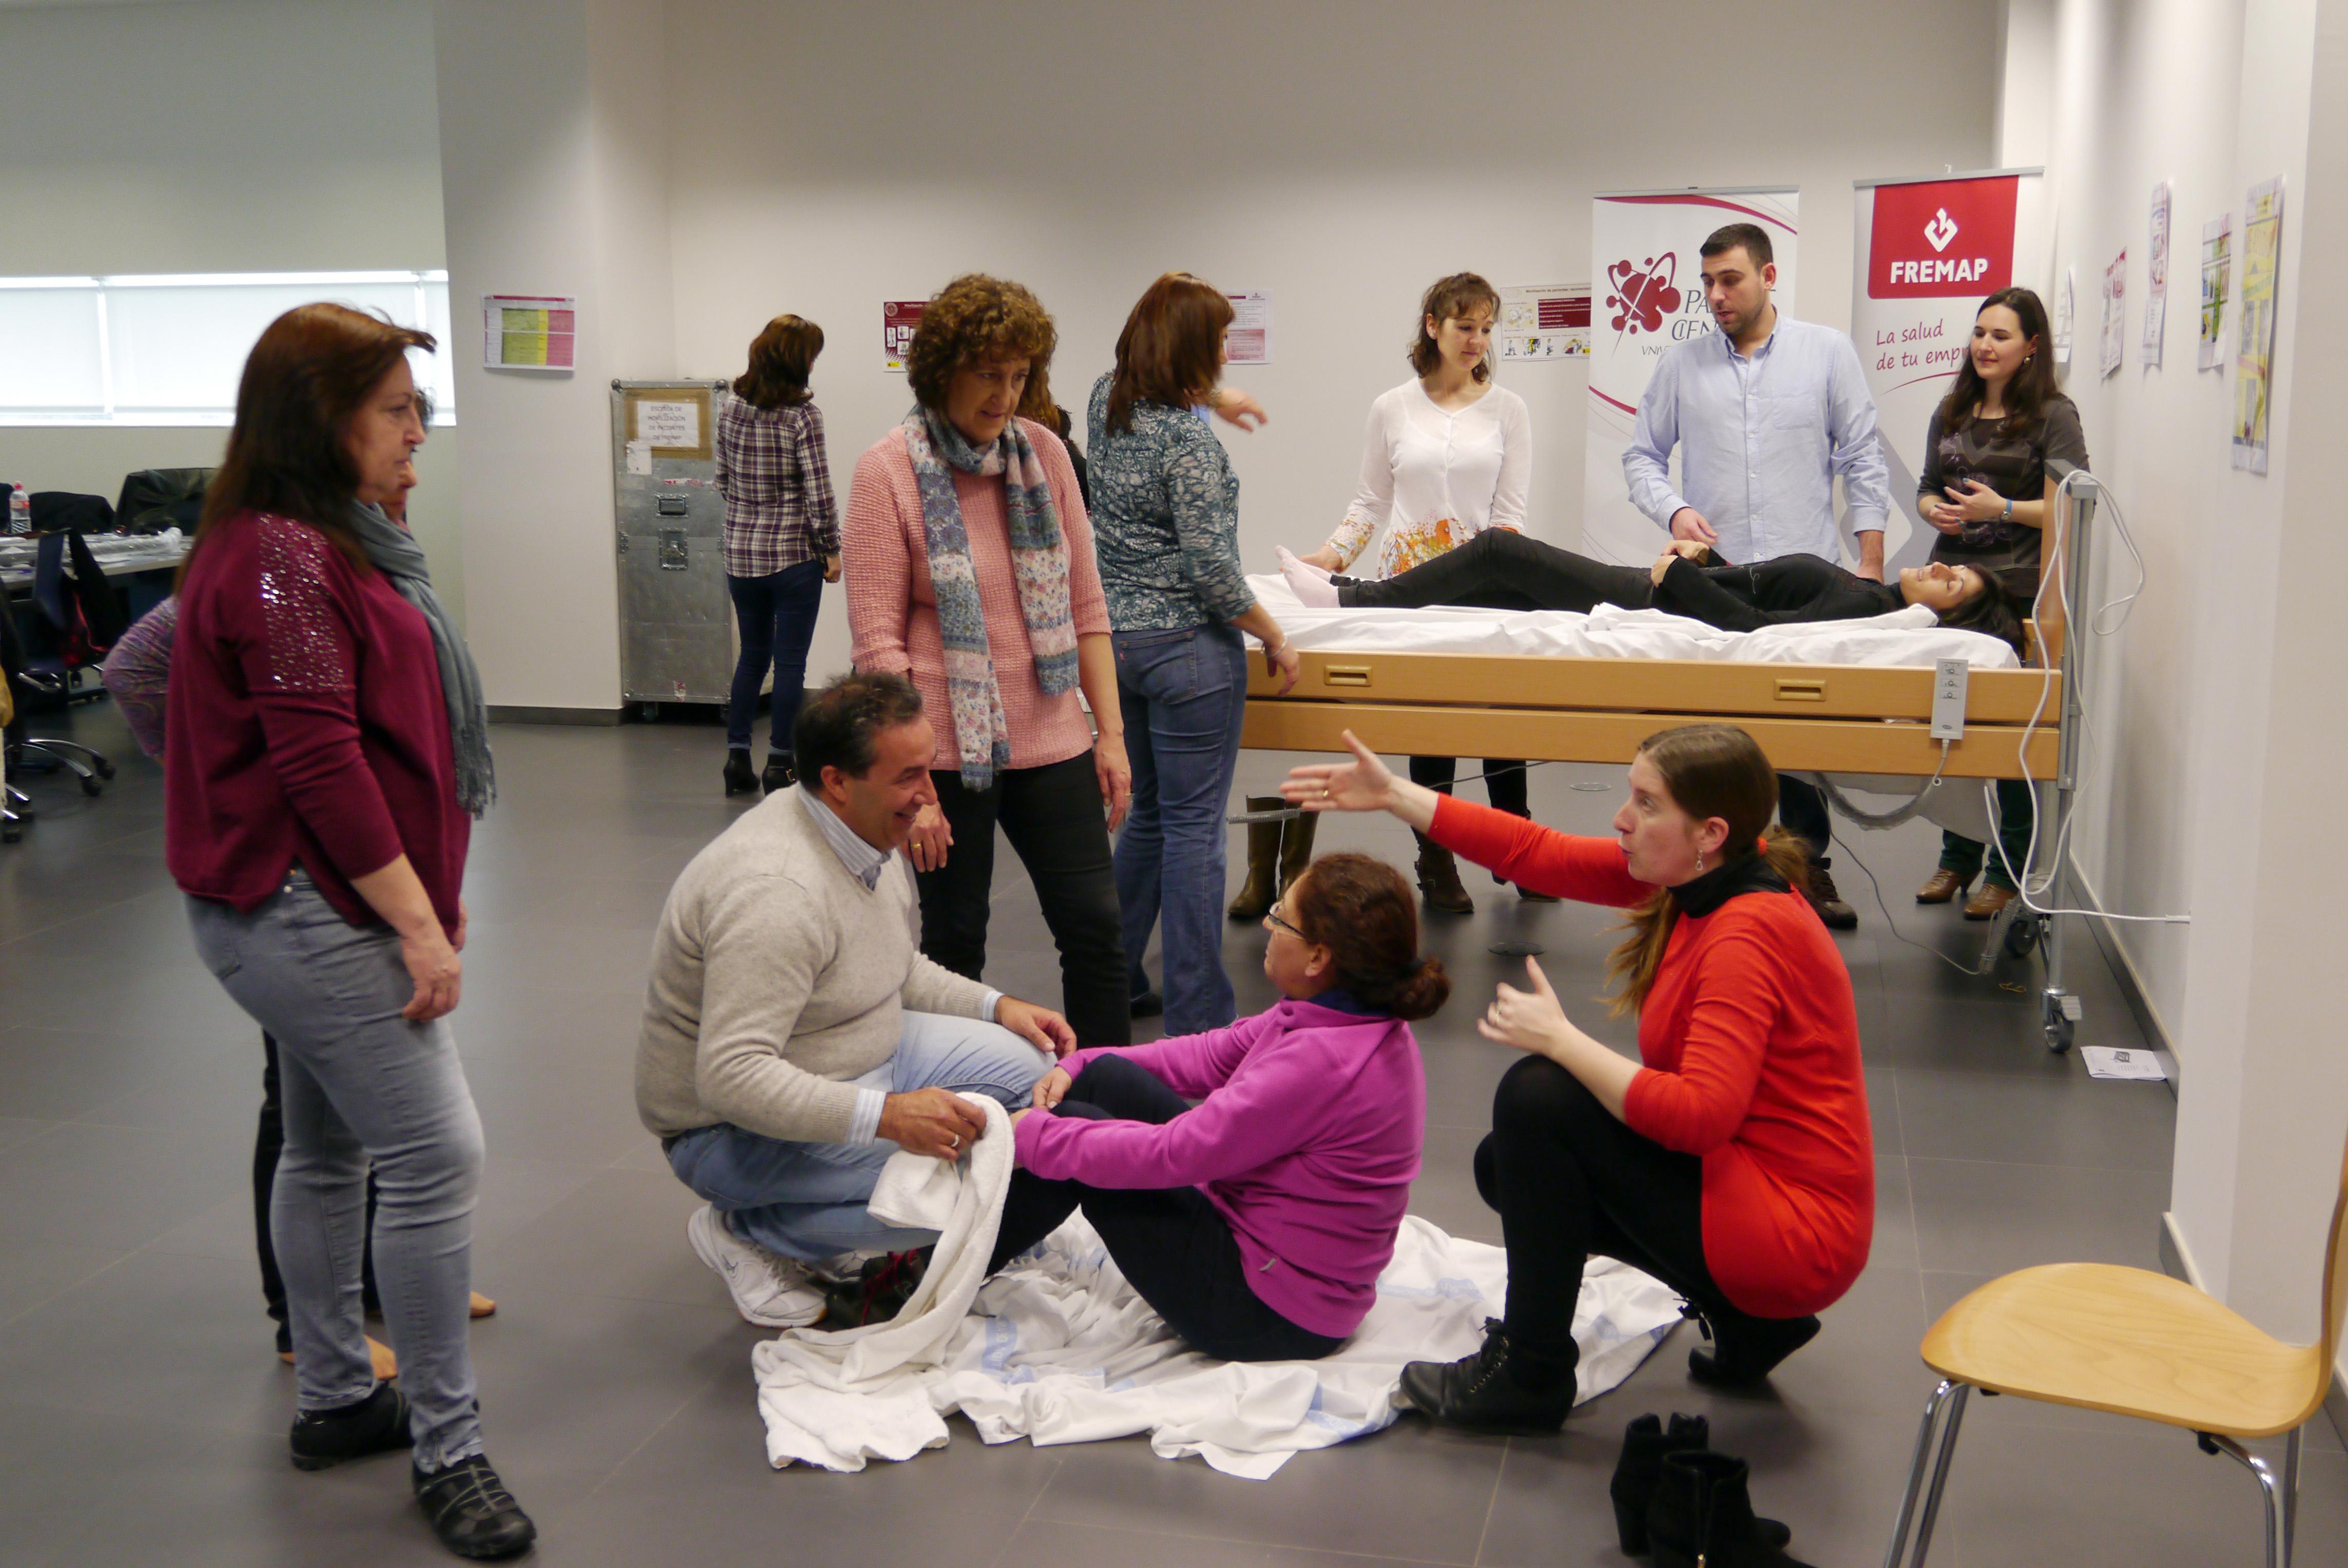 Más de veinte profesionales asociados a FREMAP participan en el taller de 'Movilización de Pacientes con Movilidad Reducida' celebrado en el Parque Científico